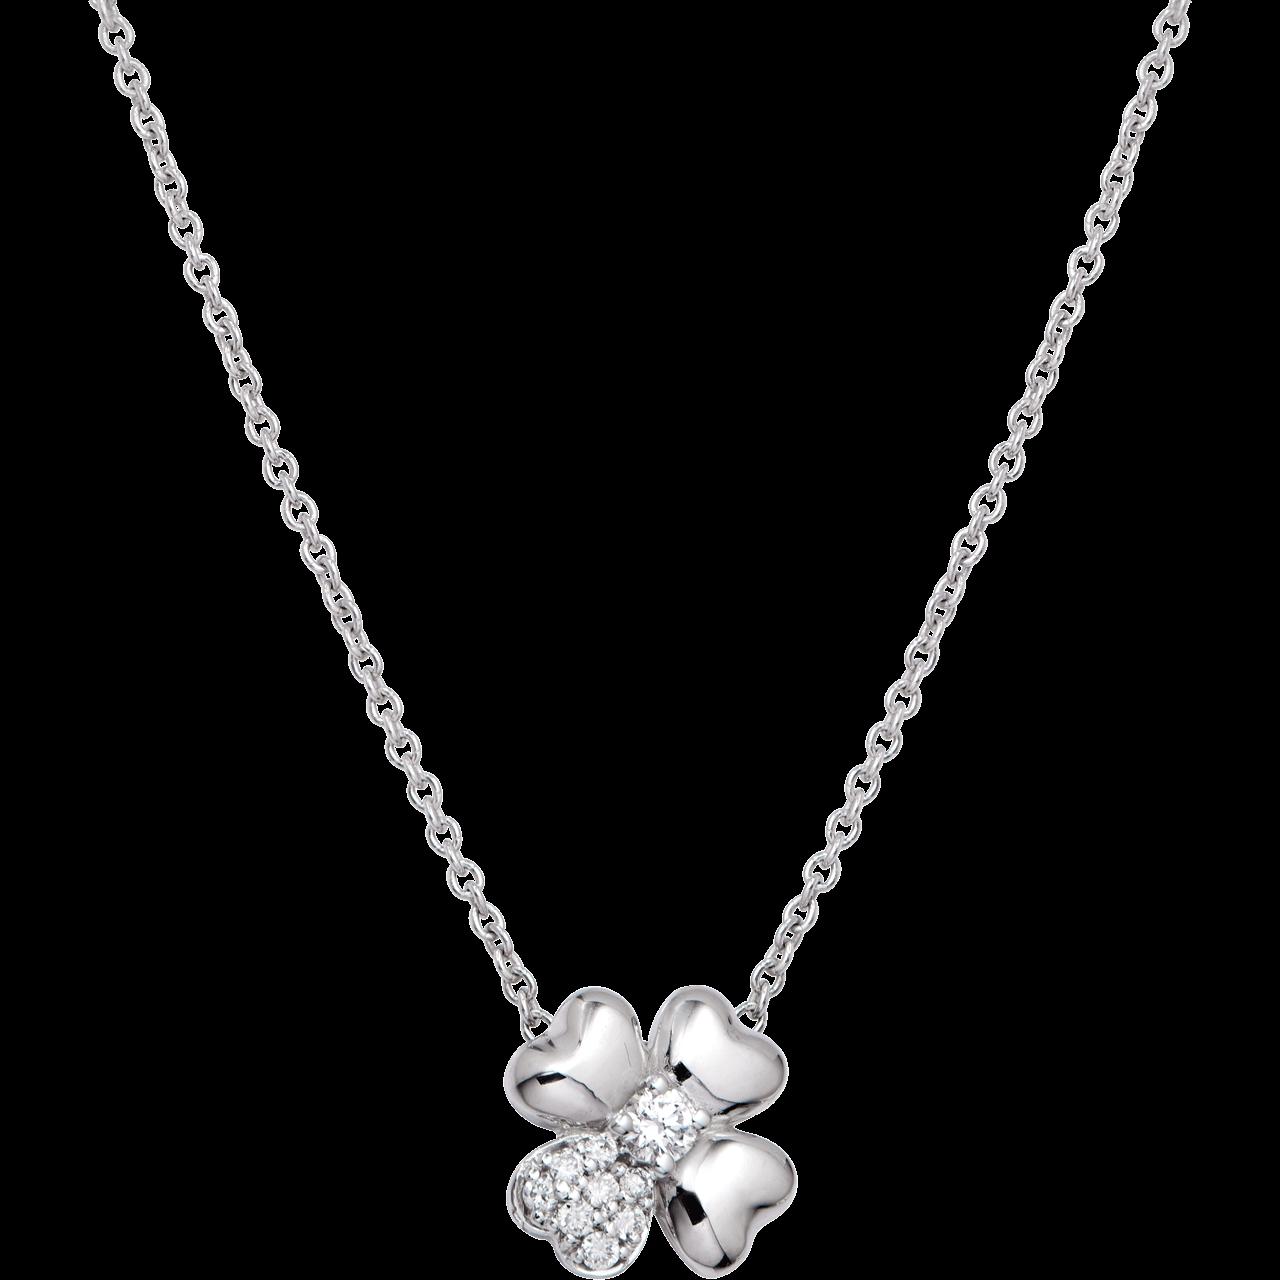 Dây cổ Kim cương Vàng trắng 14K PNJ First Diamond DDDDW000073